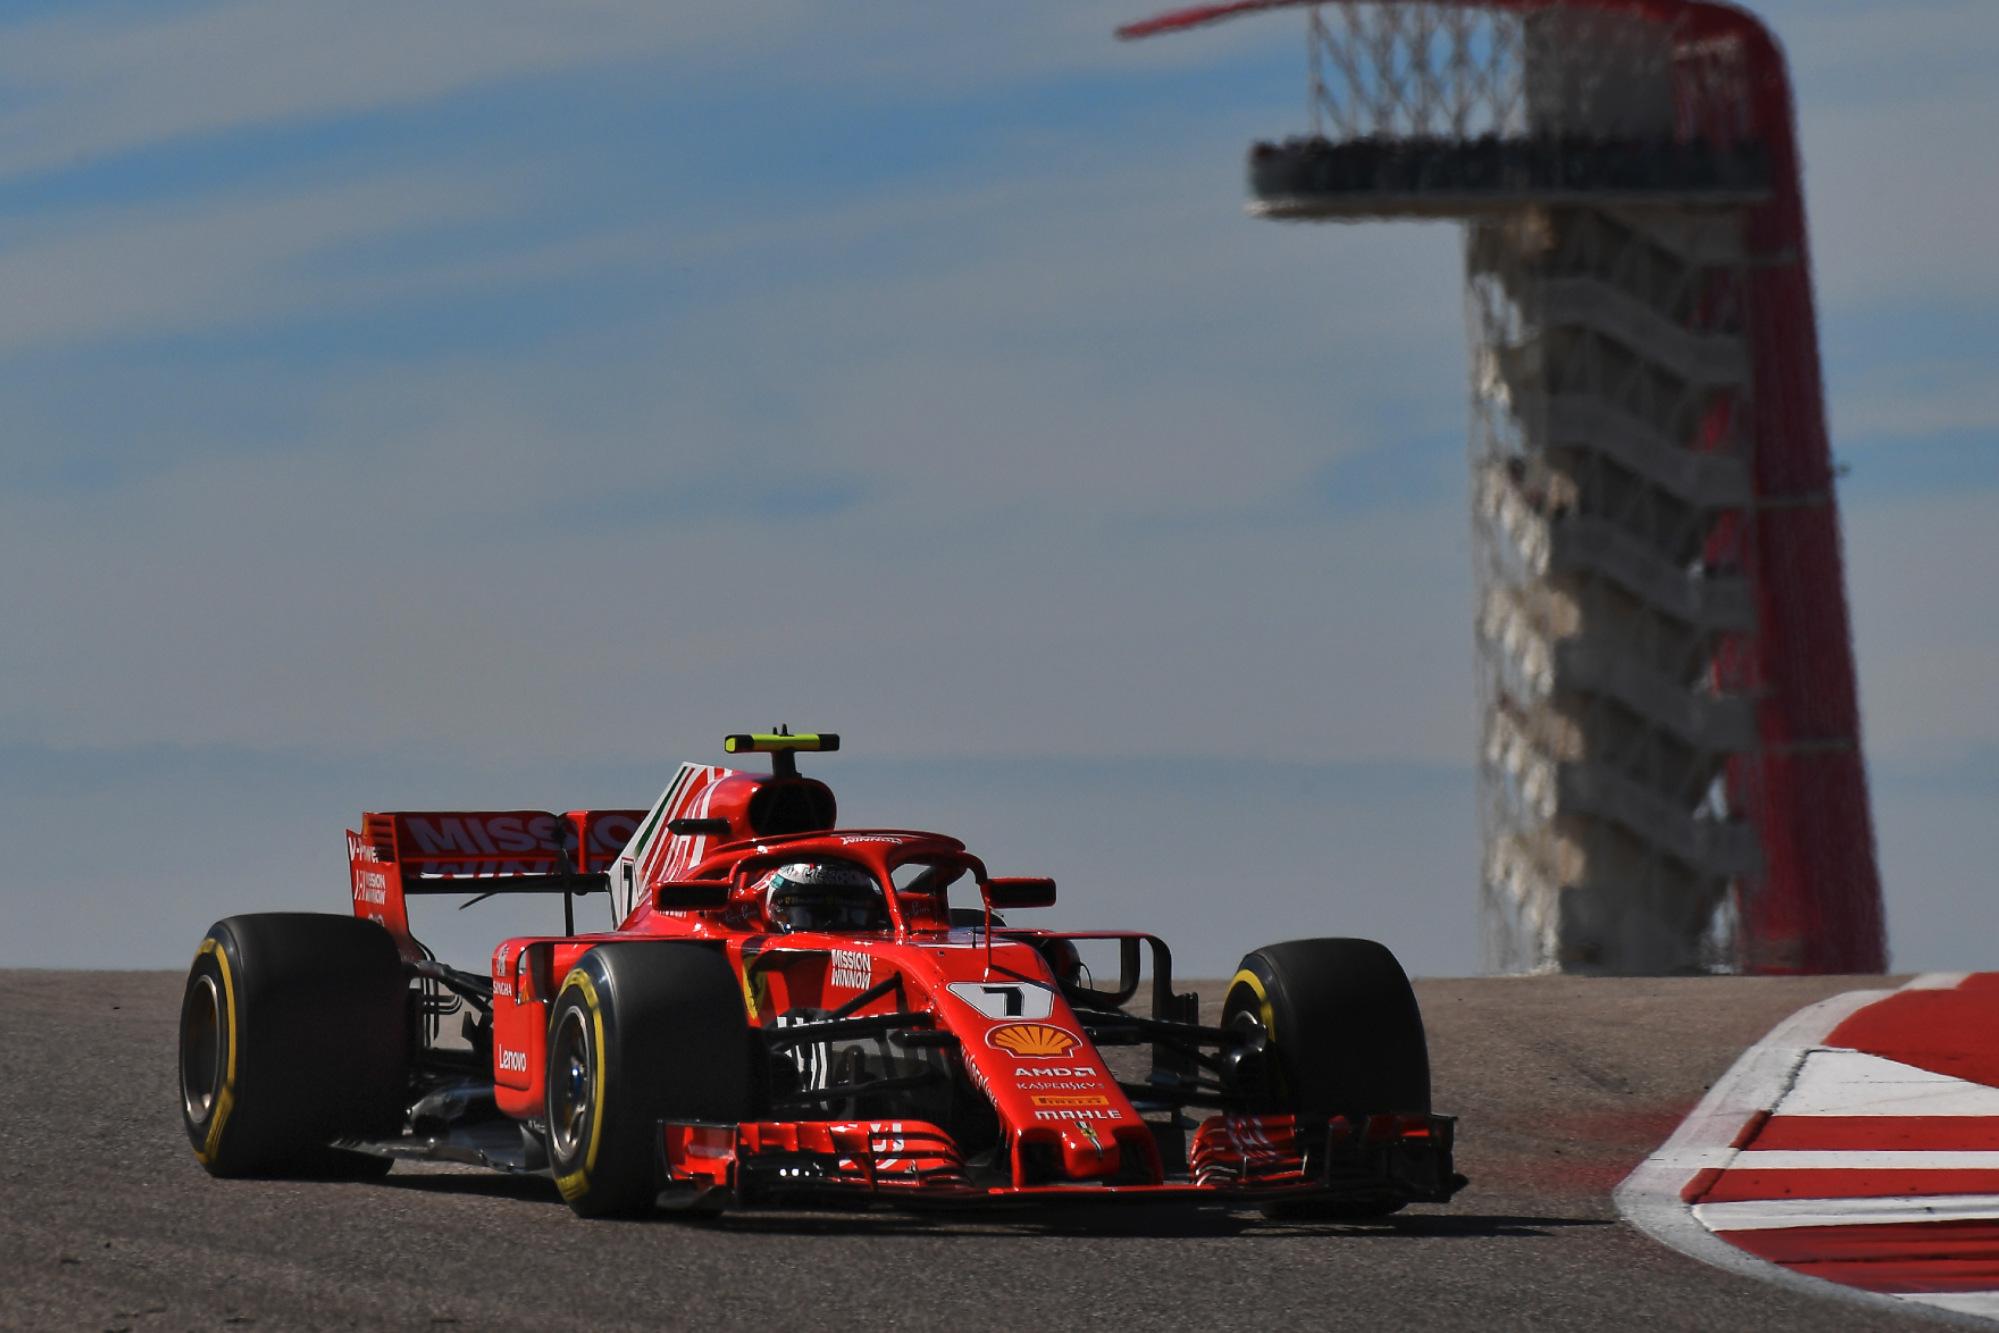 Kimi Raikkonen, 2018 United States GP